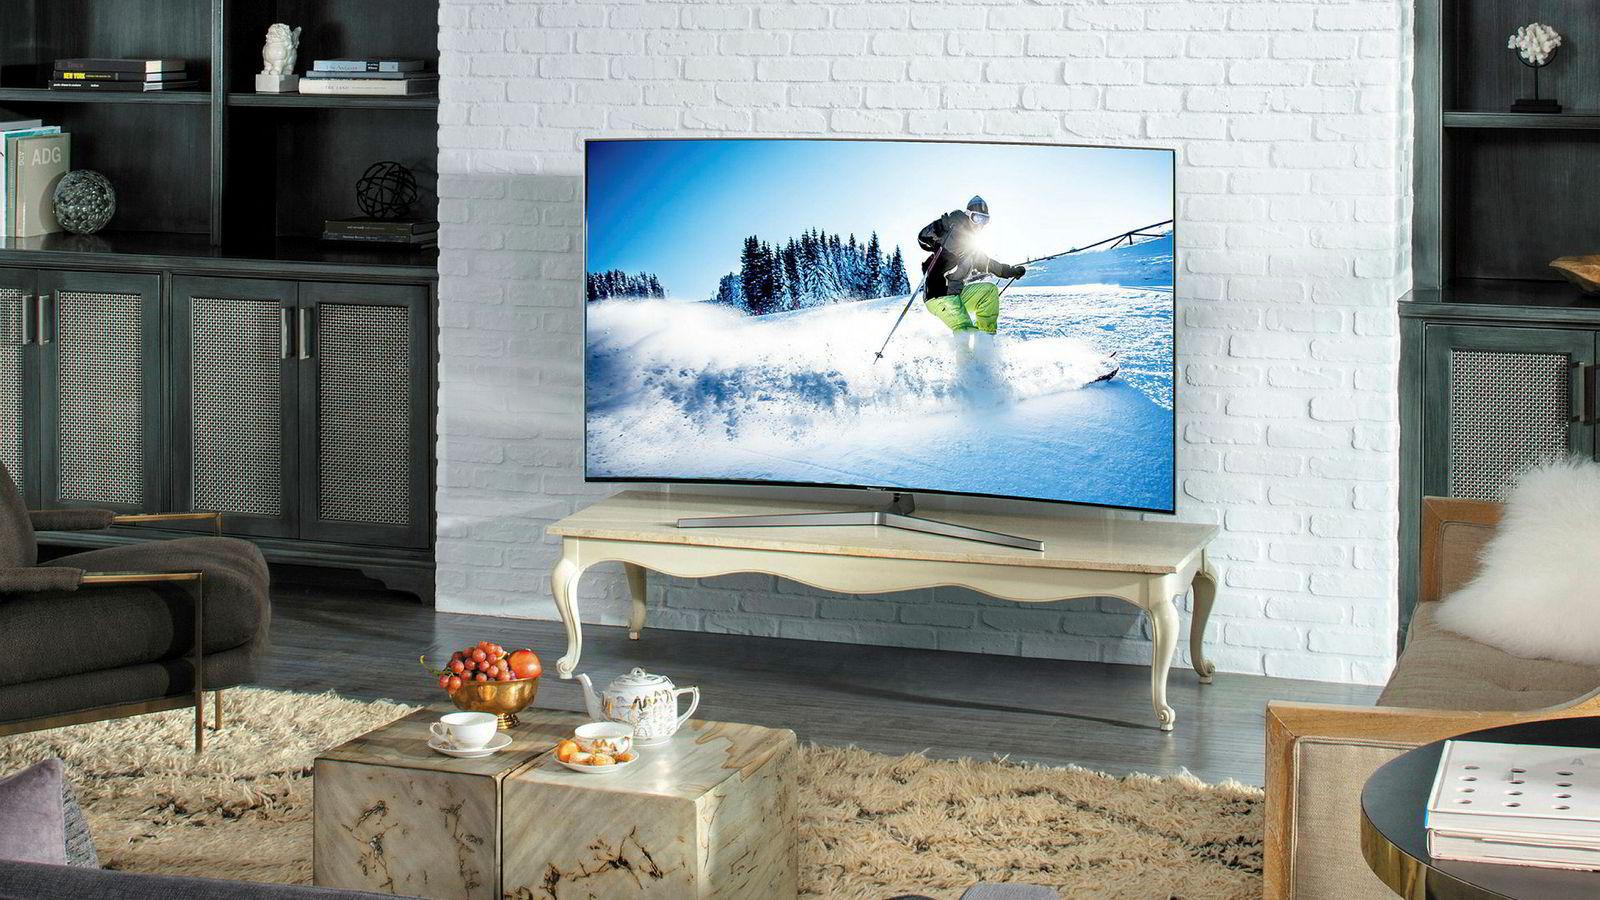 En større tv øker opplevelsene, enten det er snakk om OL, spill eller film.